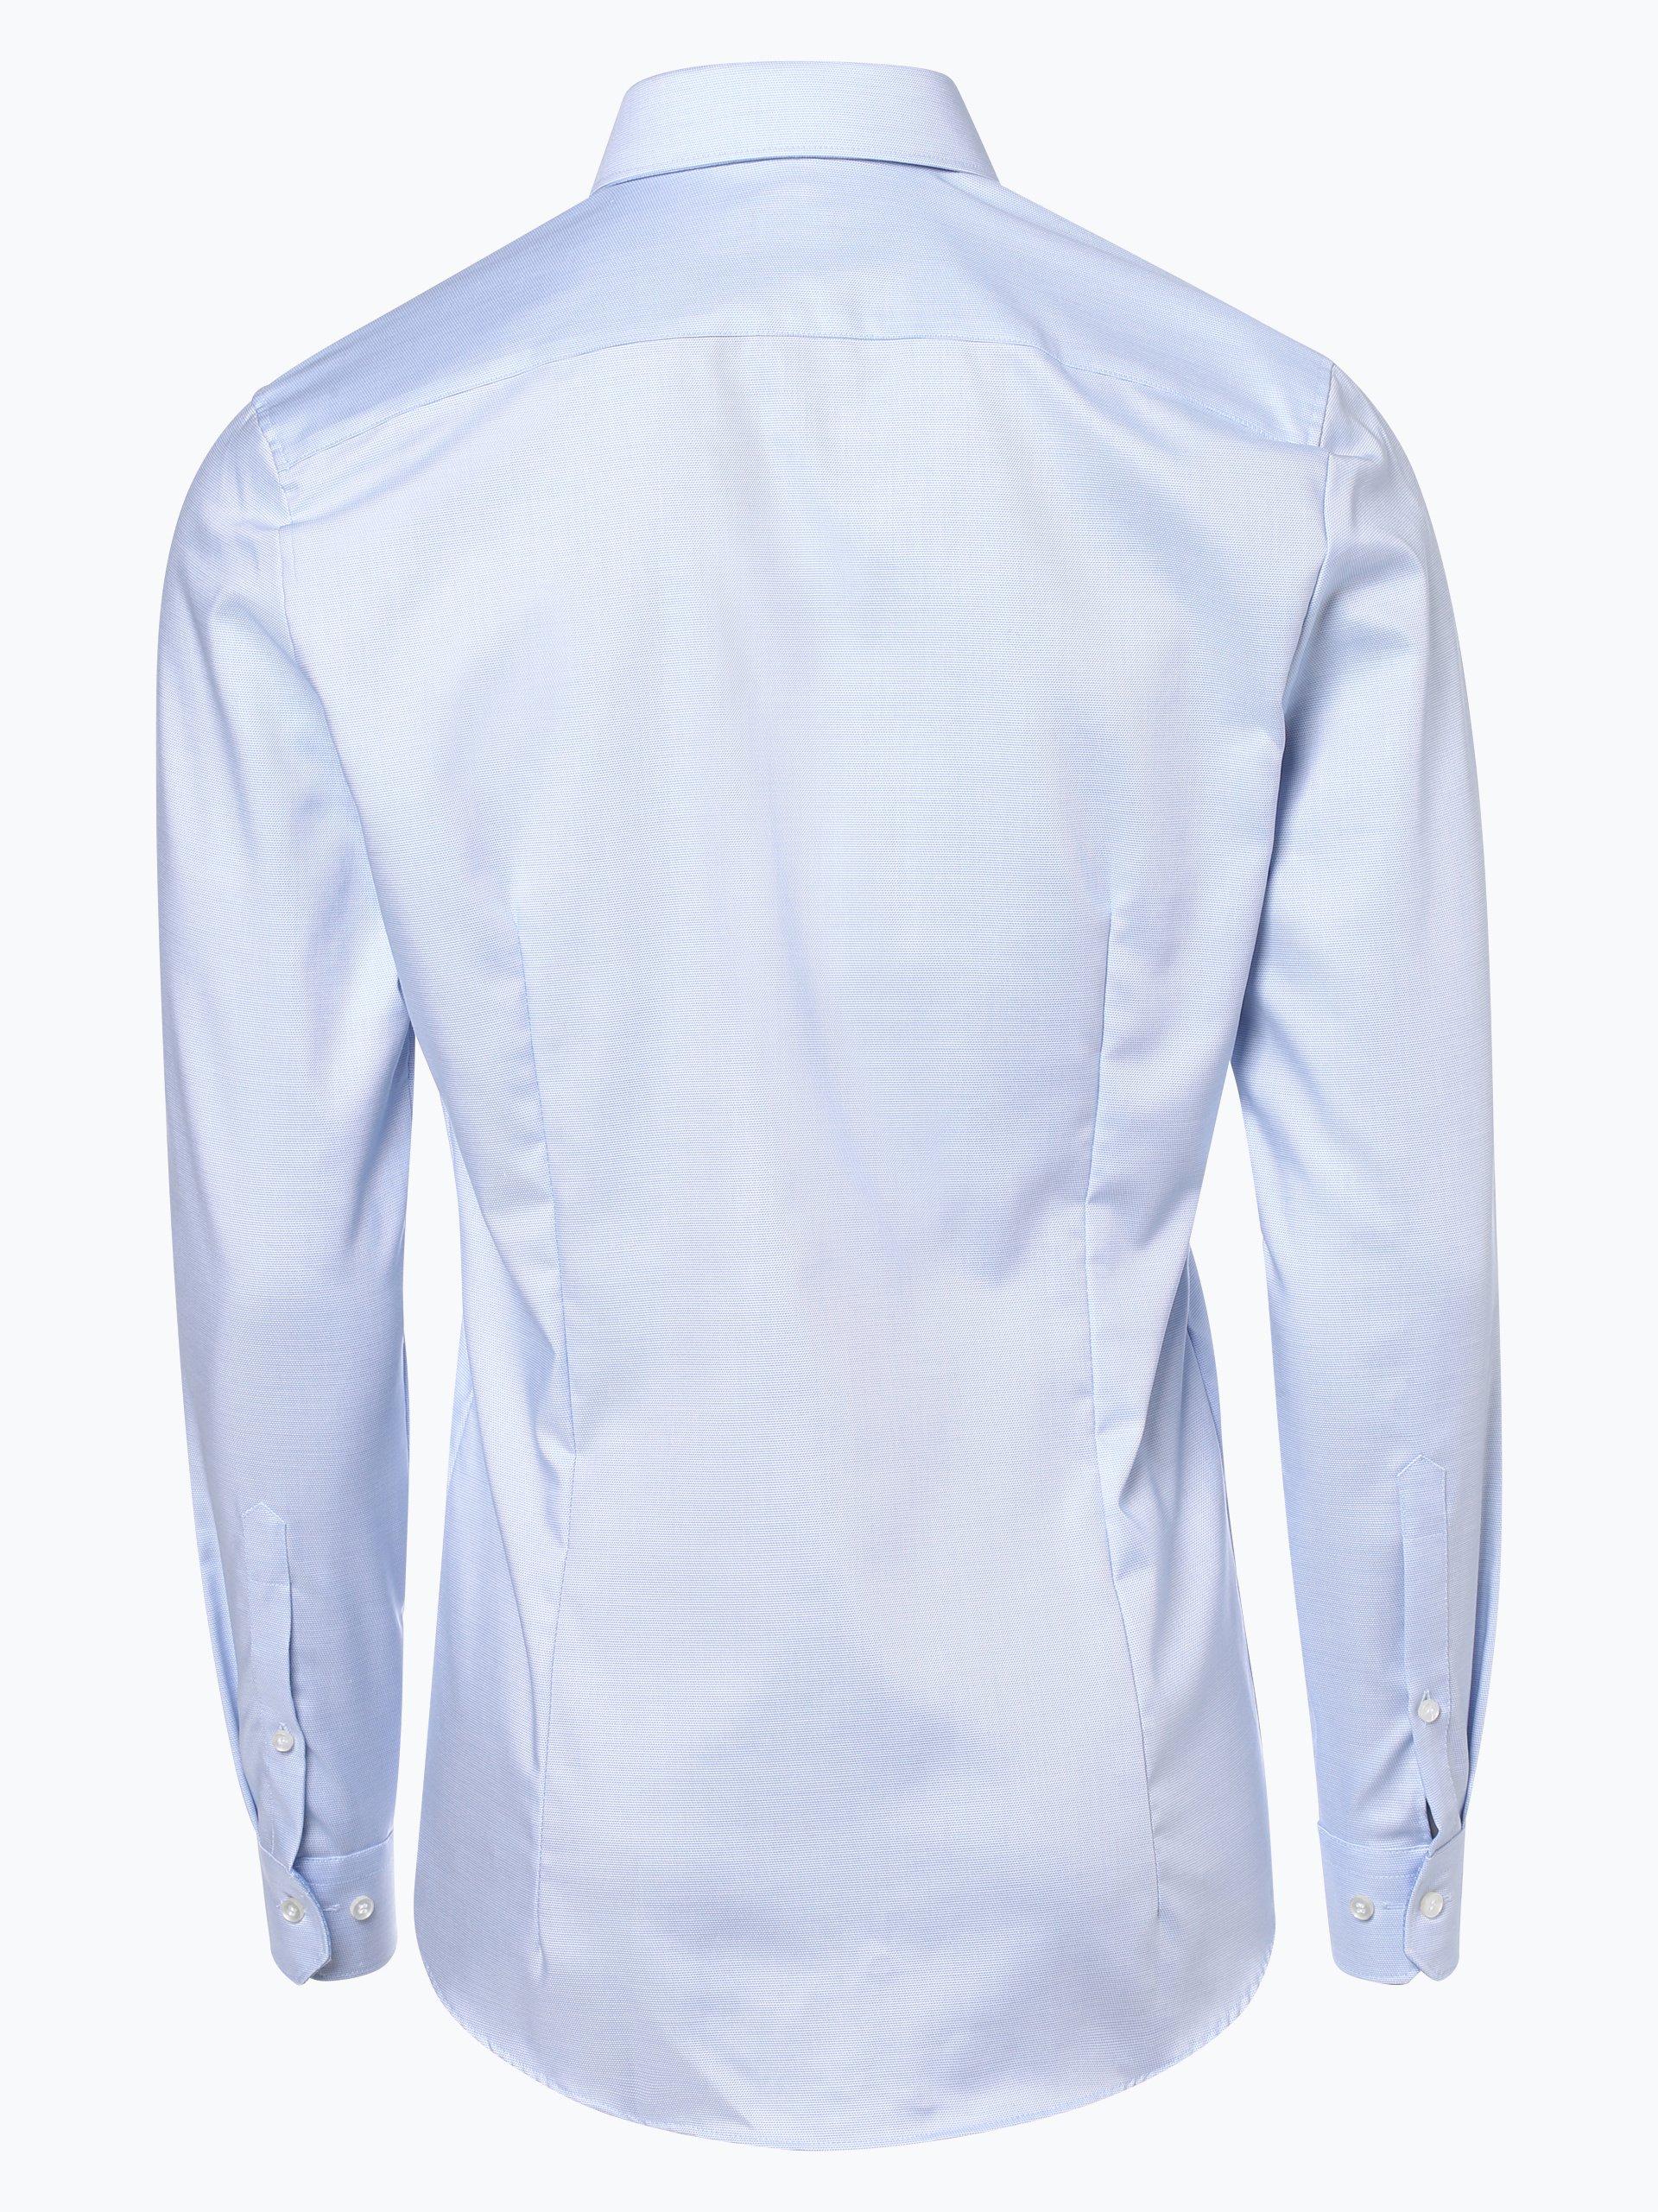 OLYMP No. Six Koszula męska łatwa w prasowaniu